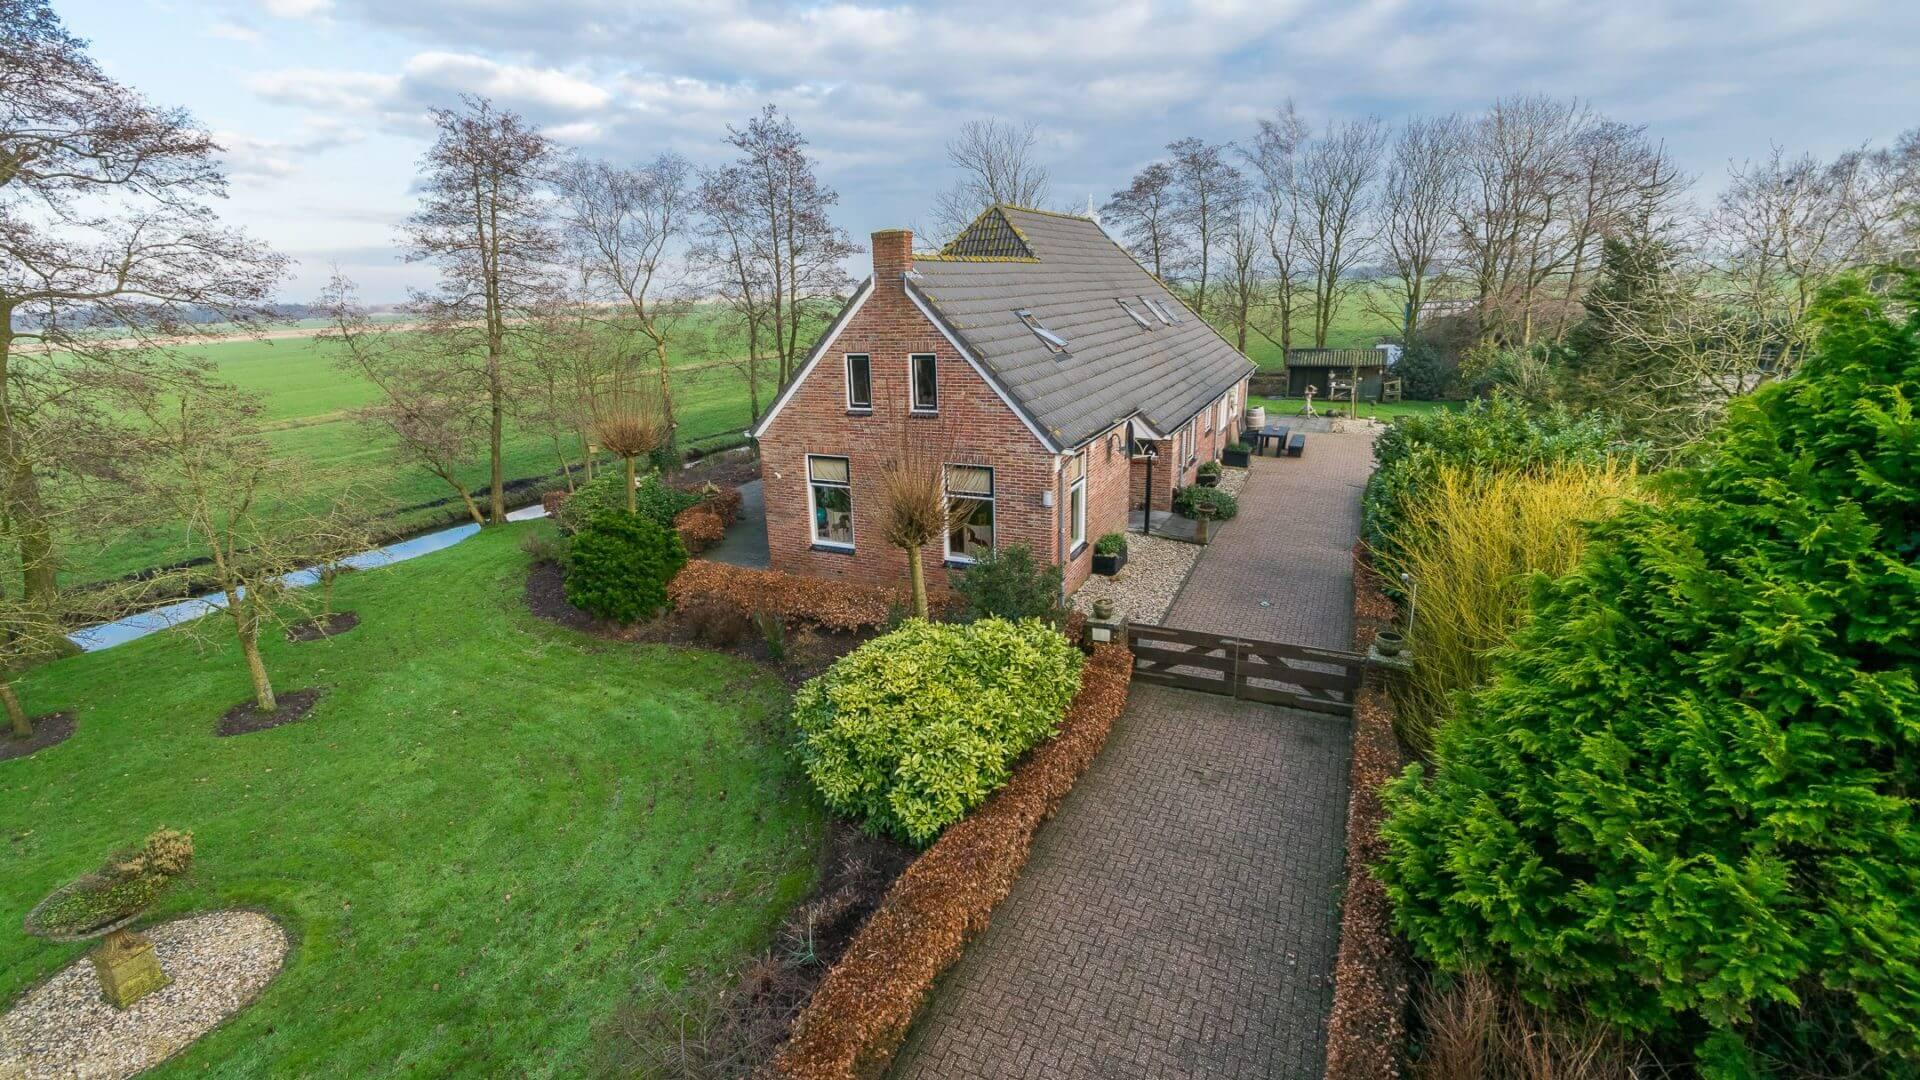 Aankoop Veenhoop Friesland Mijn Buitenplaats Makelaardij